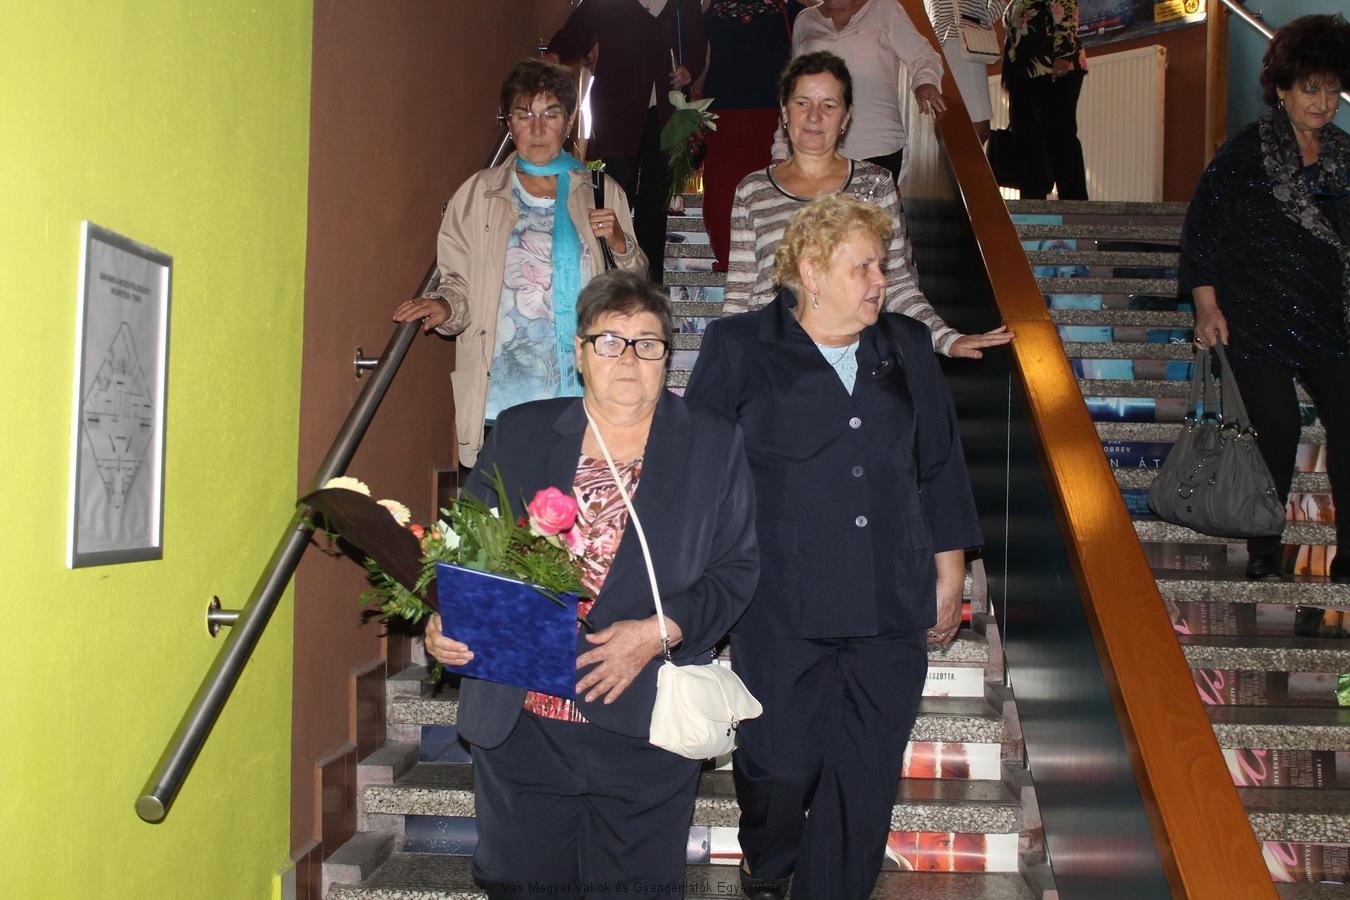 Hugi és Nagyné Marika az ünnepség után.